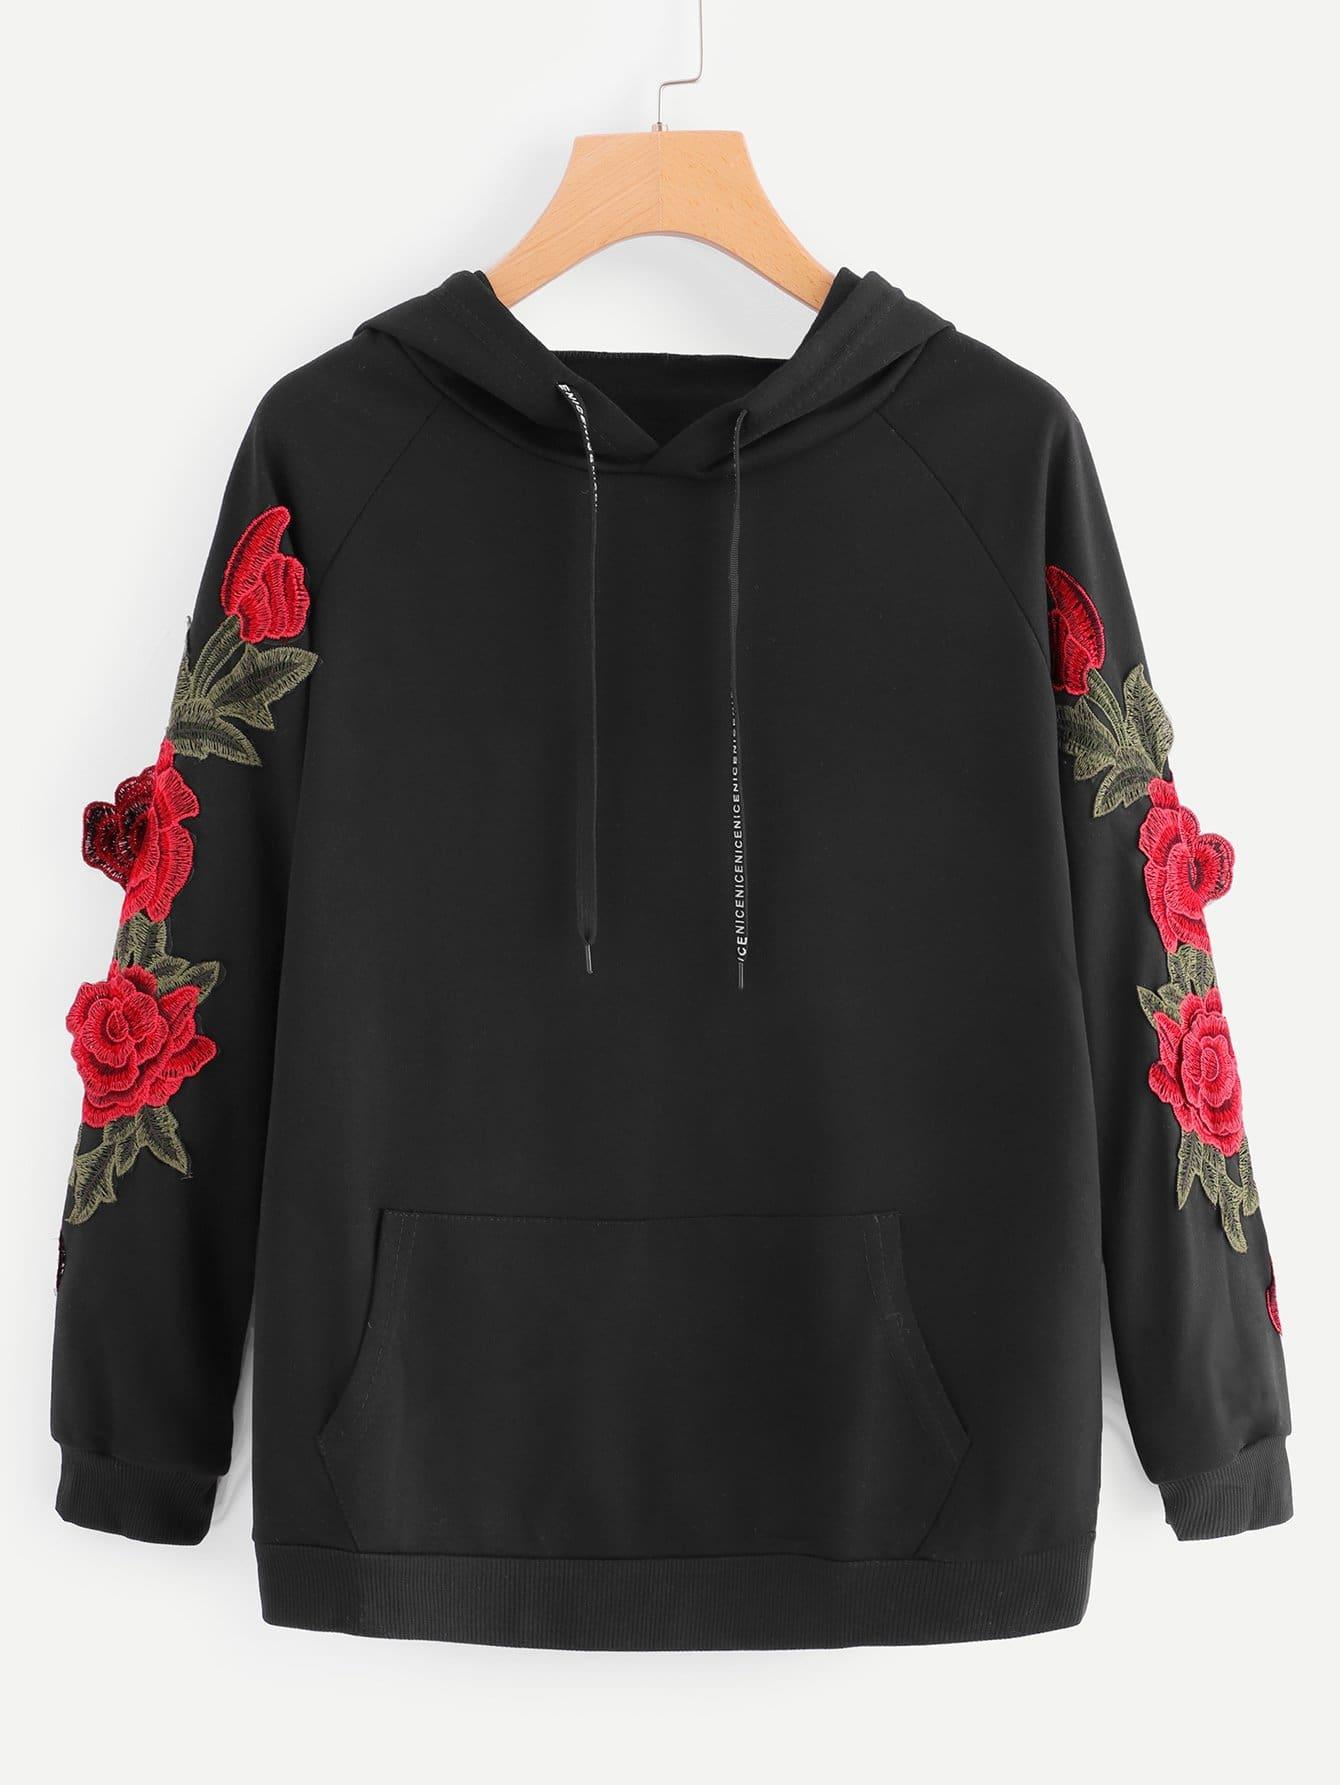 Sweatshirt mit Blumen Applikation und Känguru Tasche